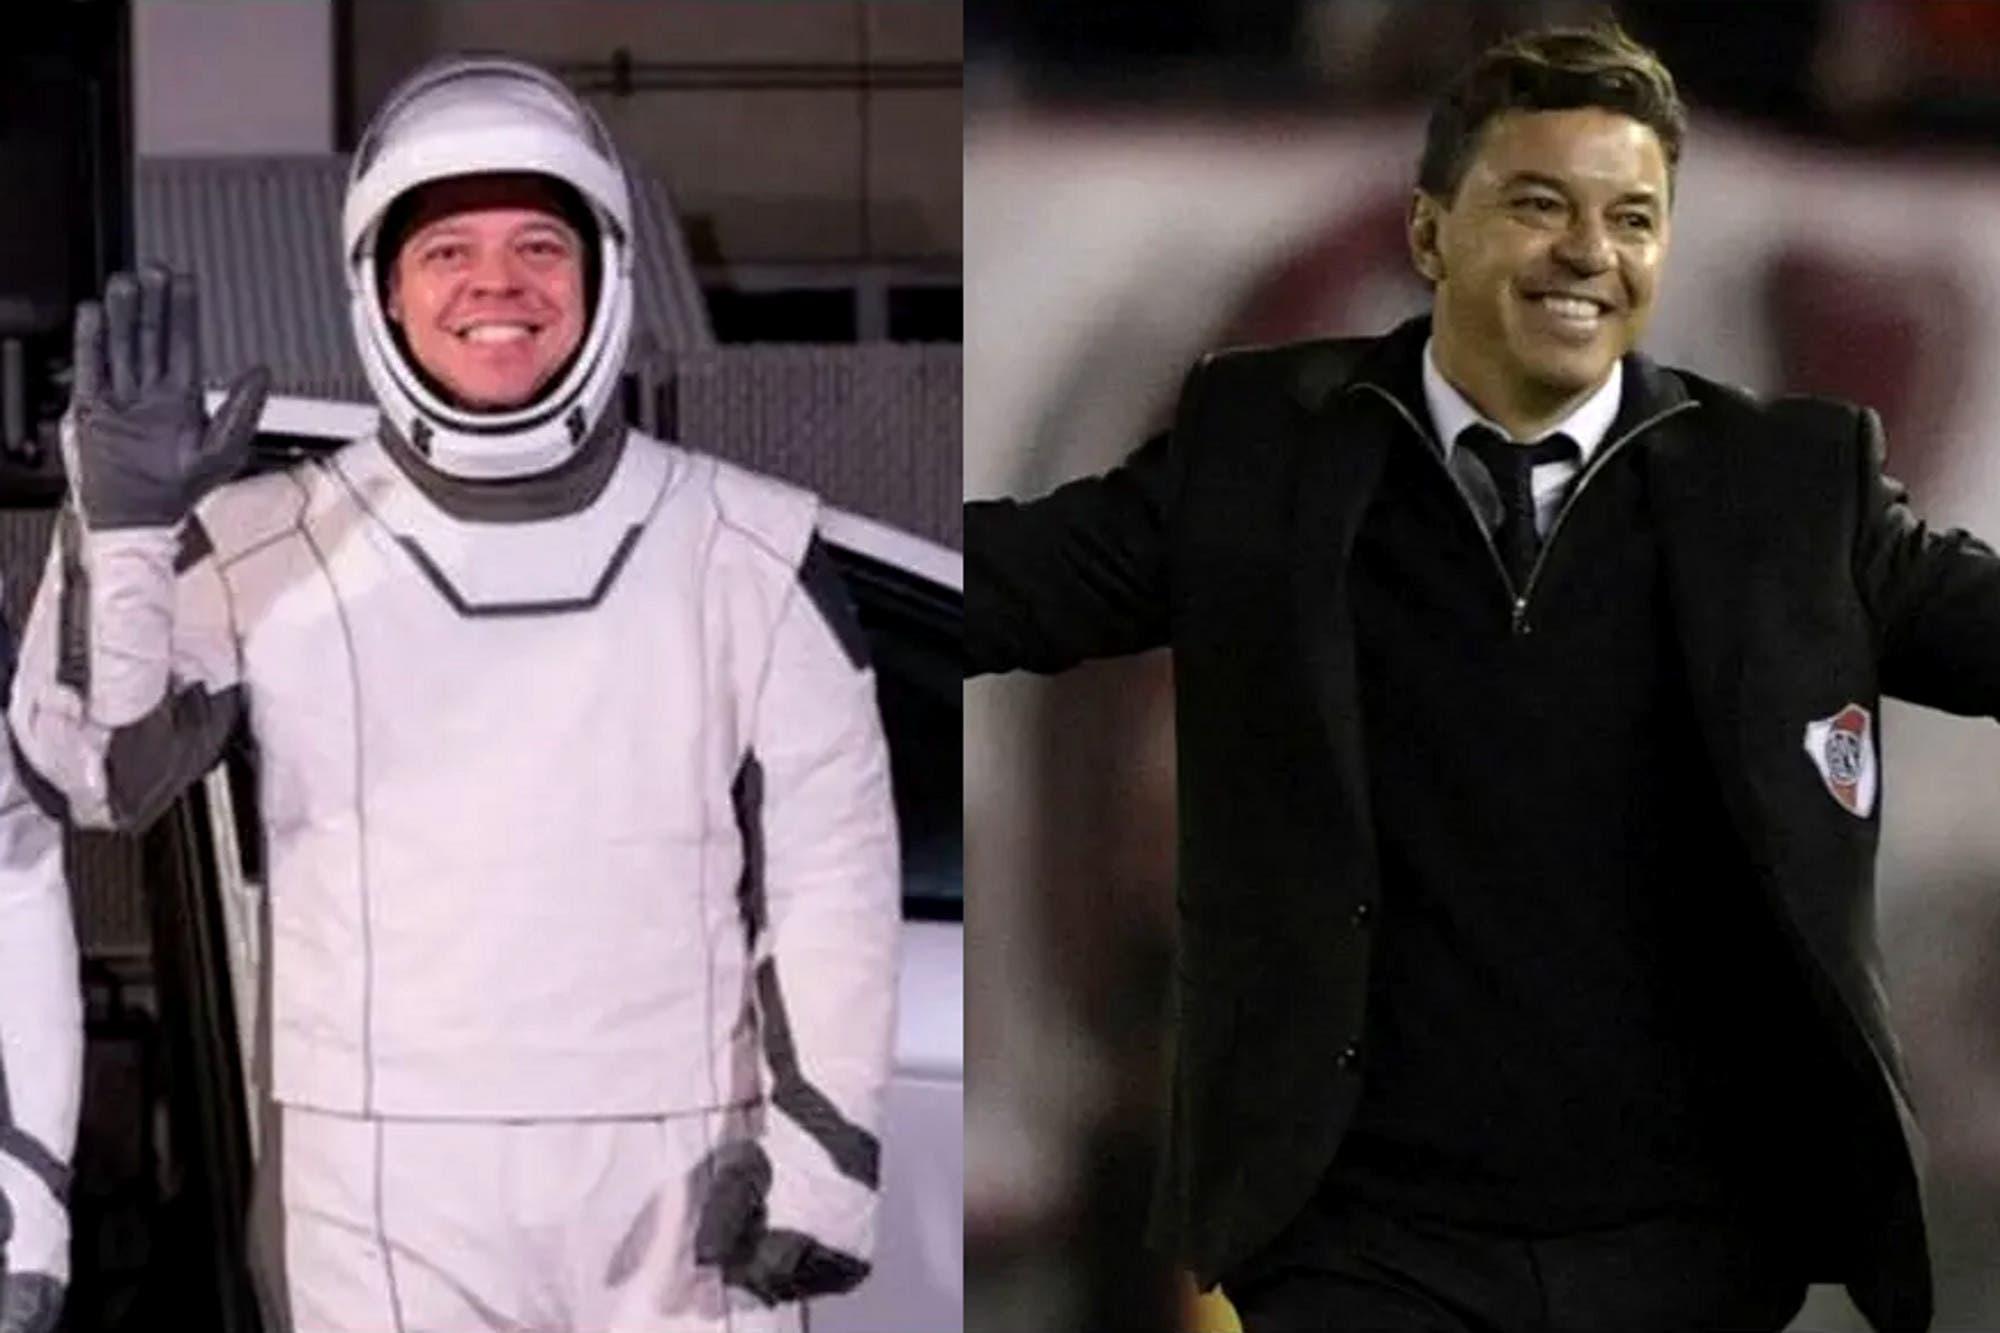 Un clon: los memes del parecido de Marcelo Gallardo con el astronauta de la misión de la NASA